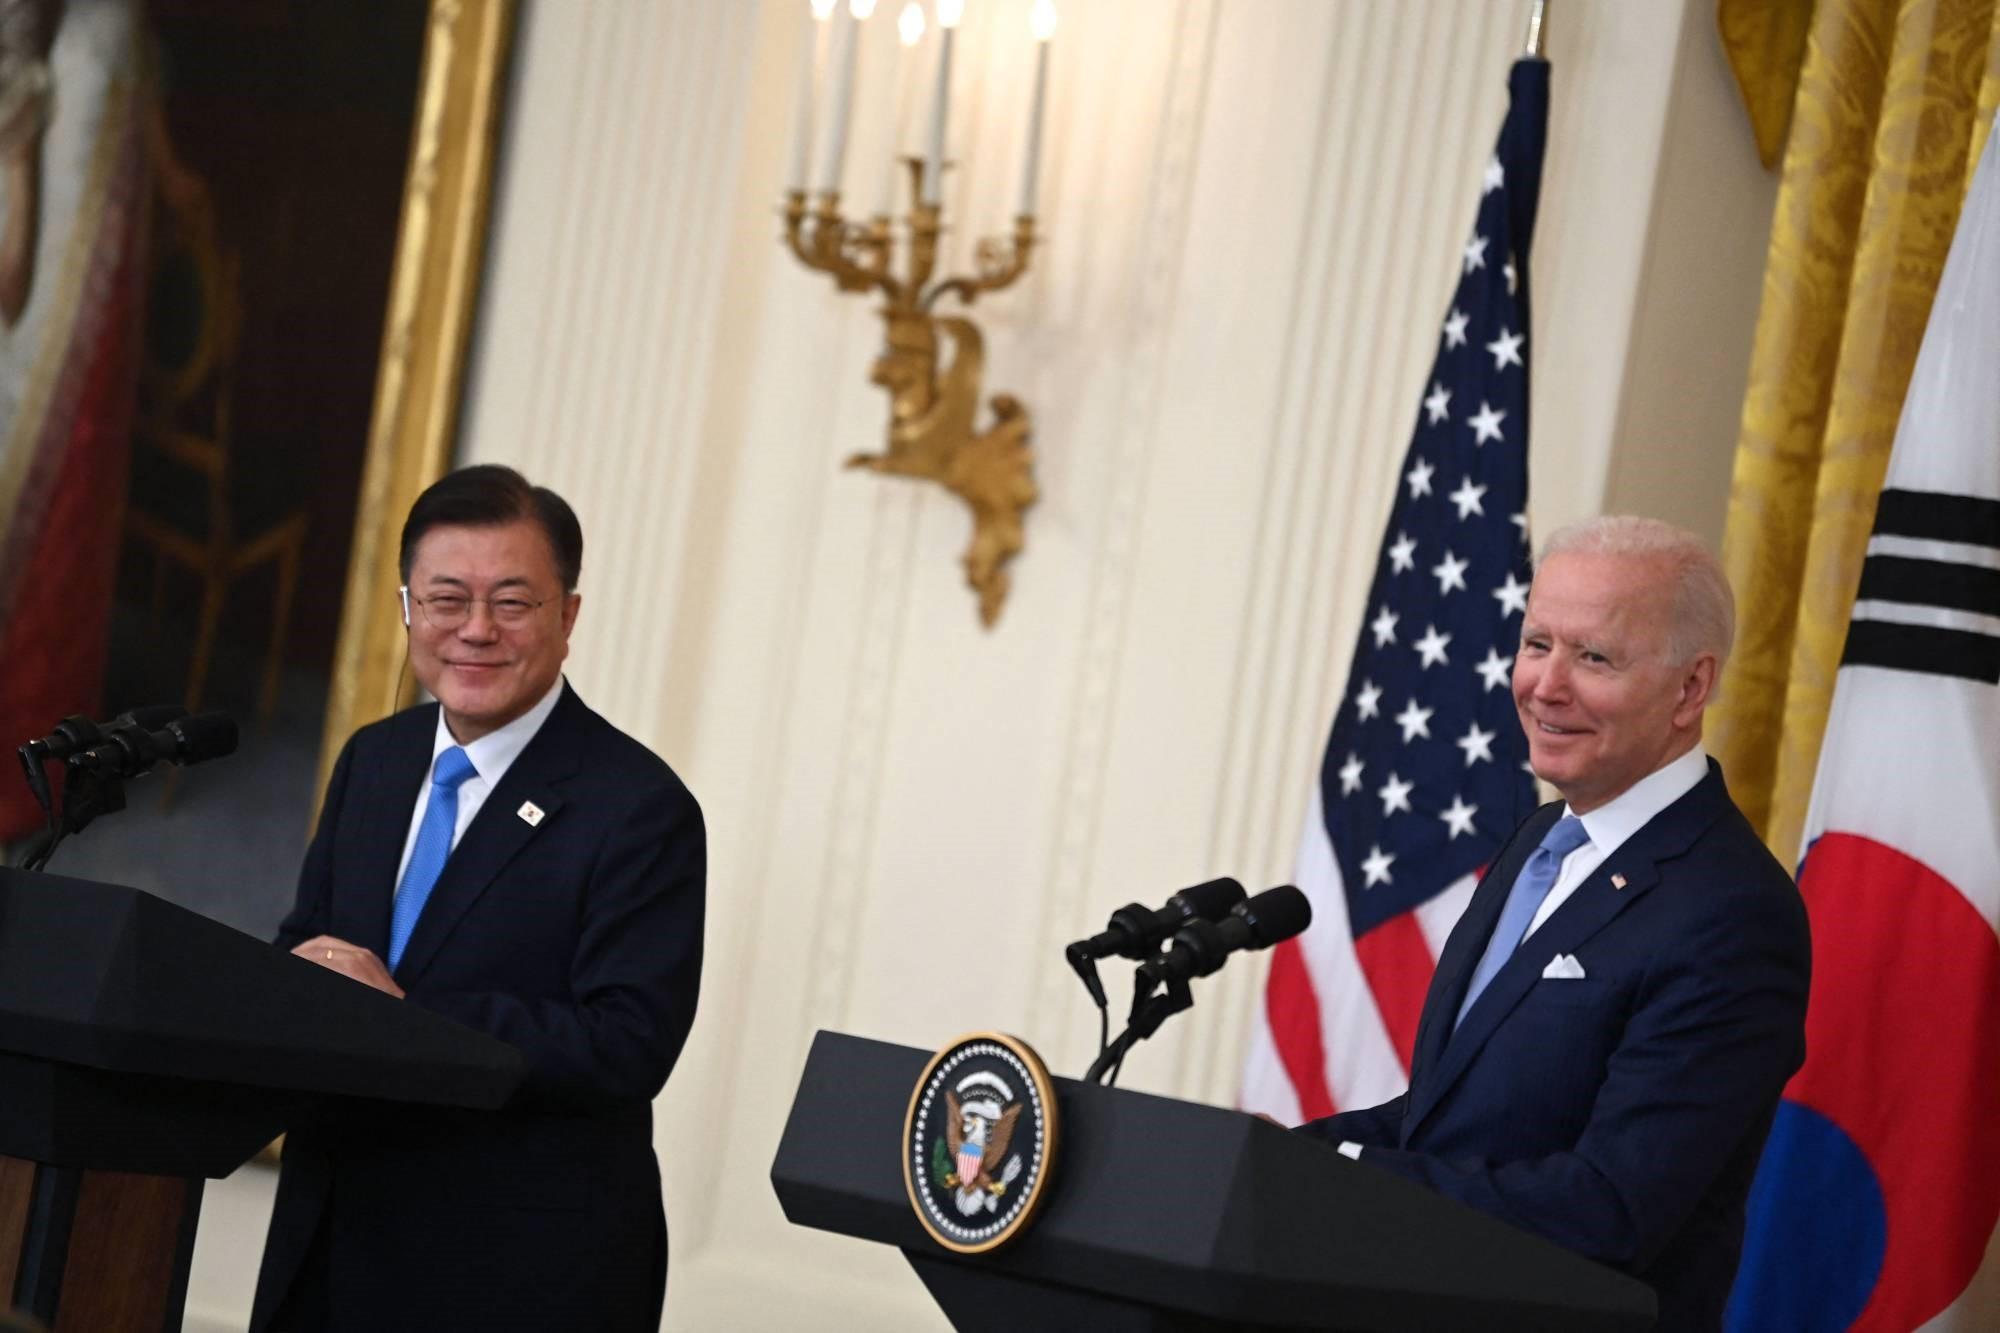 Mỹ và Hàn Quốc thống nhất về việc nối lại đối thoại với Triều Tiên - Ảnh 2.